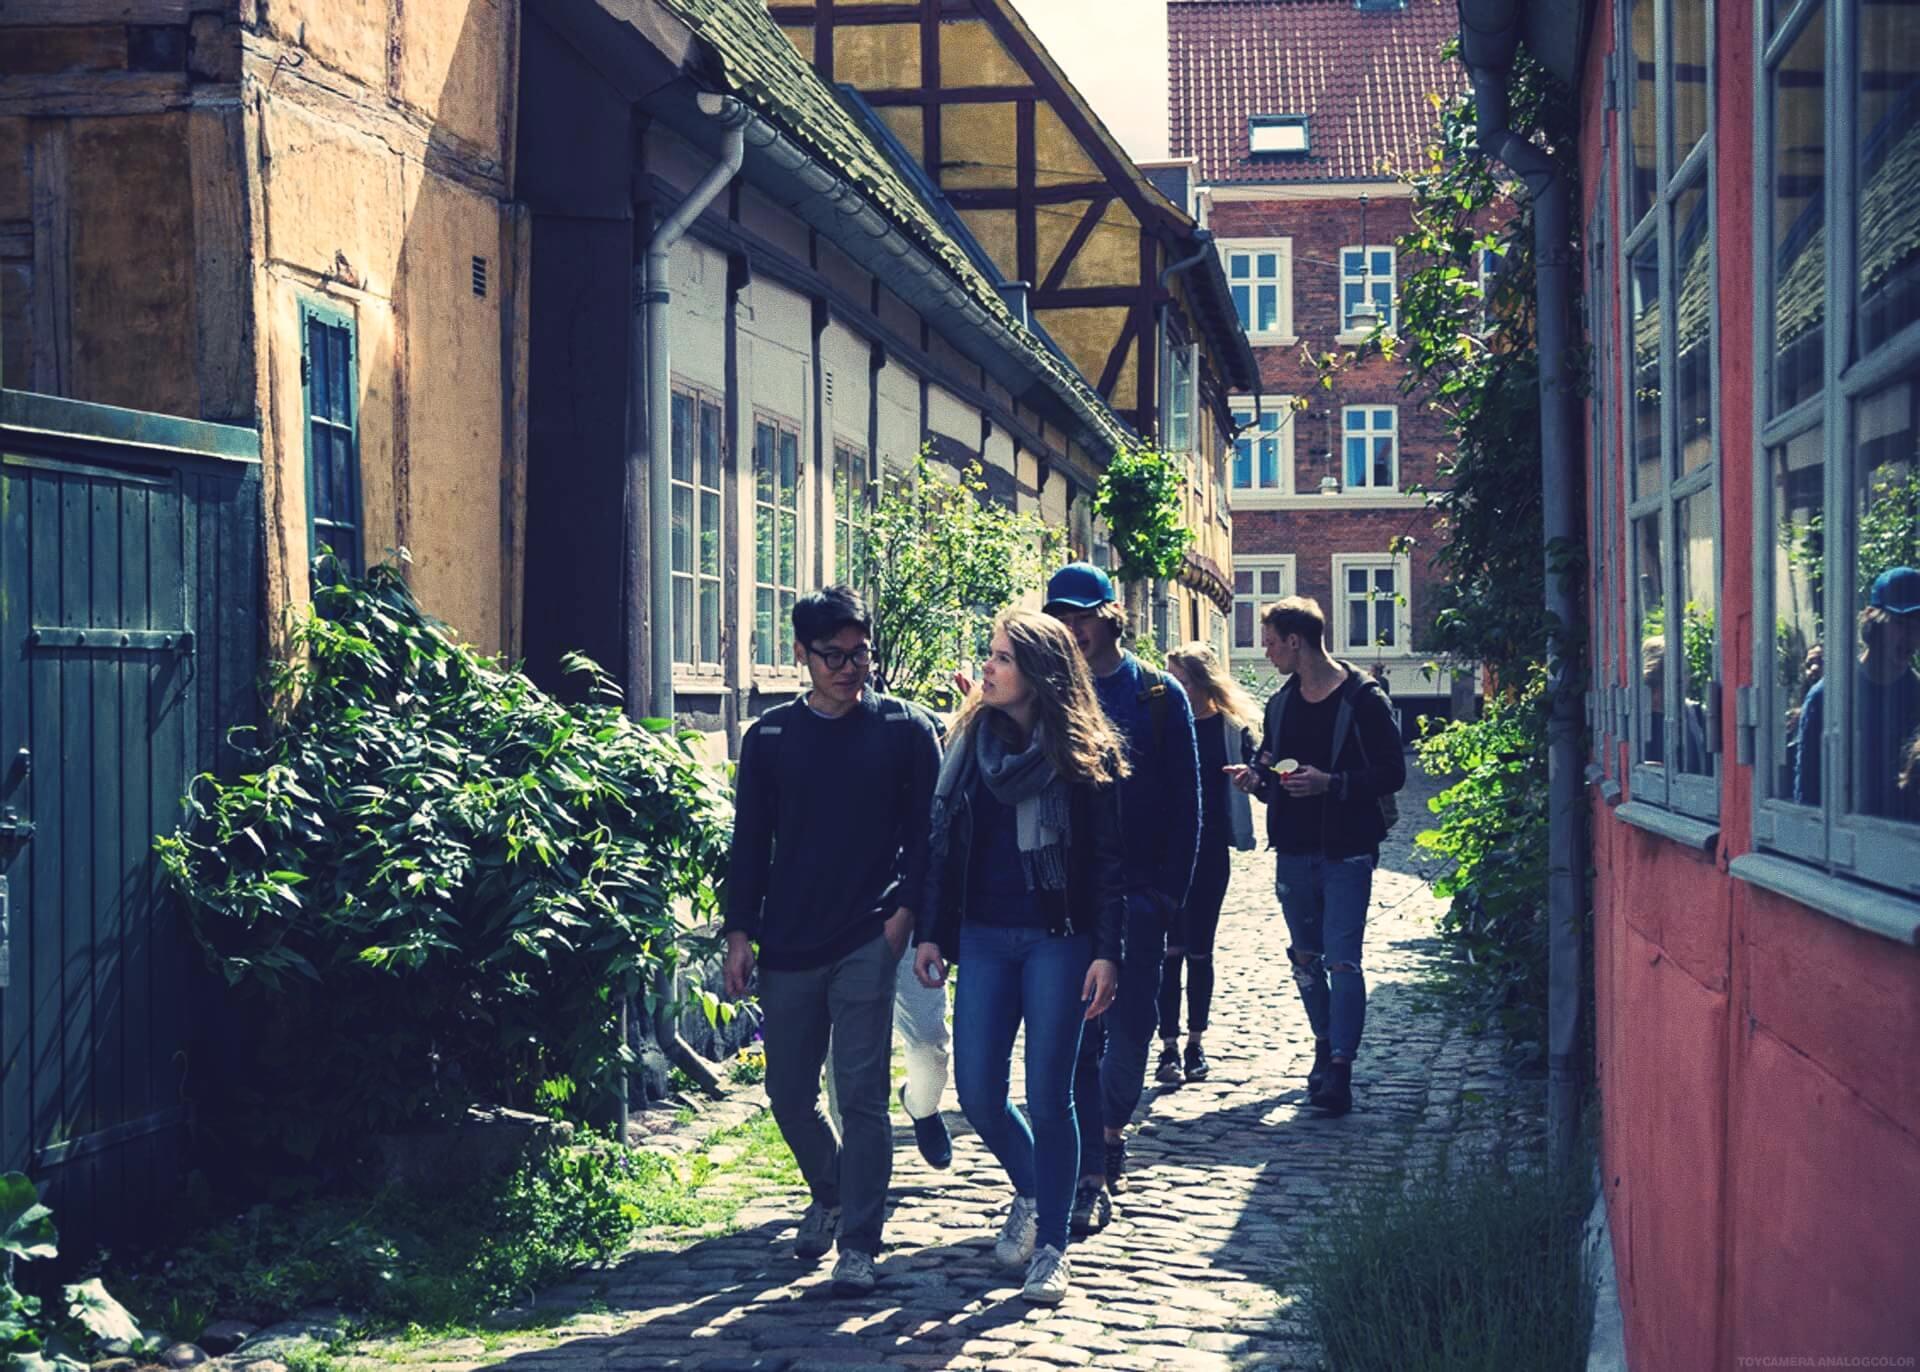 IPC - Helsingør aka Elsinore - International People's College - a Folk High School in Denmark